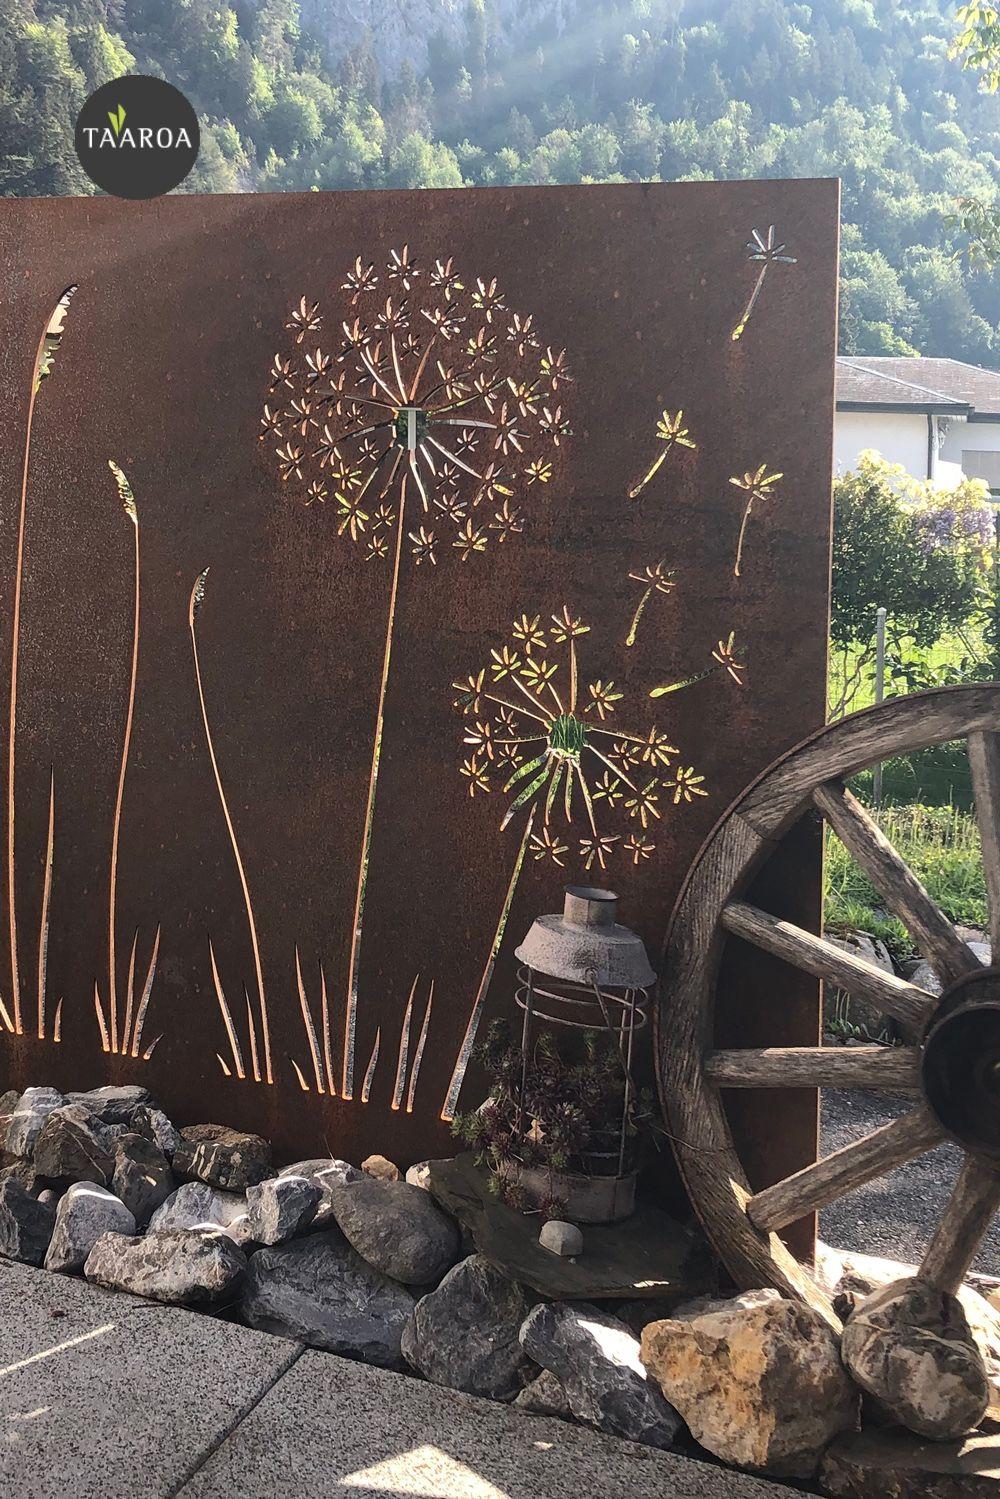 Pin Von Taaroagarten Auf Muro Sichtschutzwande Sichtschutzwand Garten Sichtschutzzaun Garten Larmschutzwand Garten